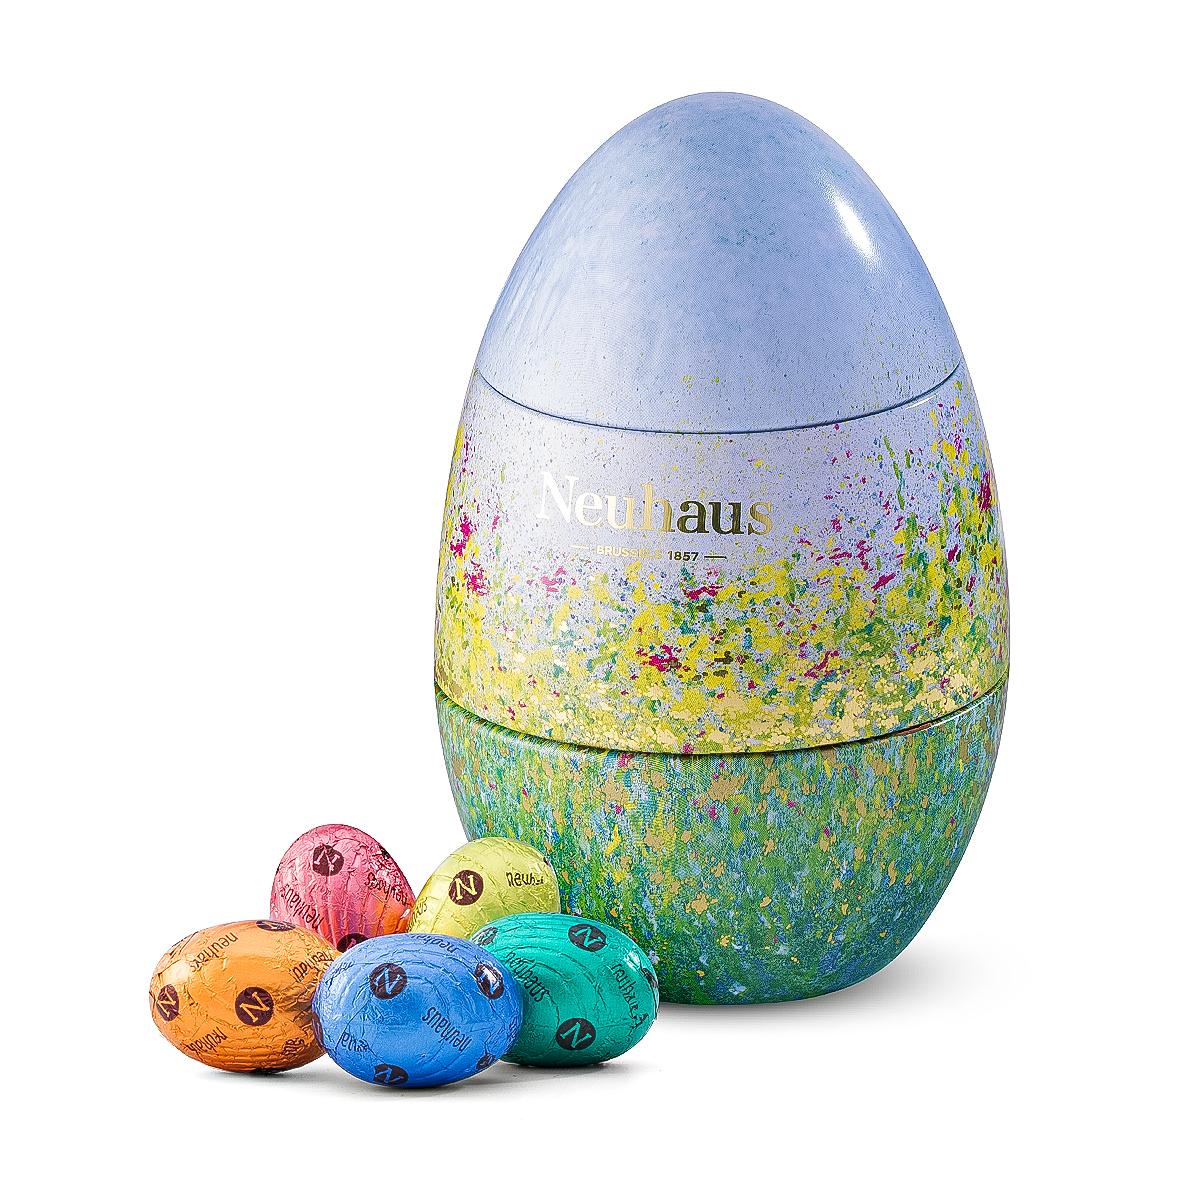 Neuhaus Easter egg